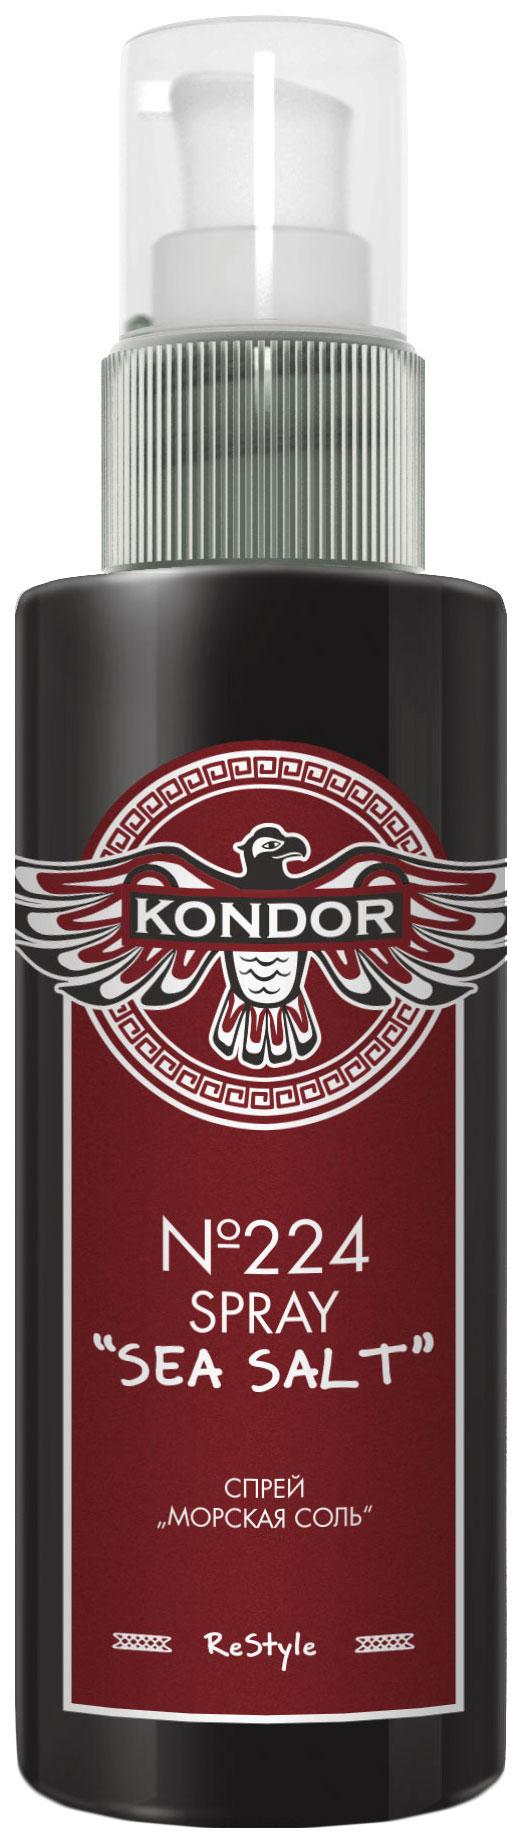 Купить Спрей для волос Kondor №224 Морская соль 100 мл